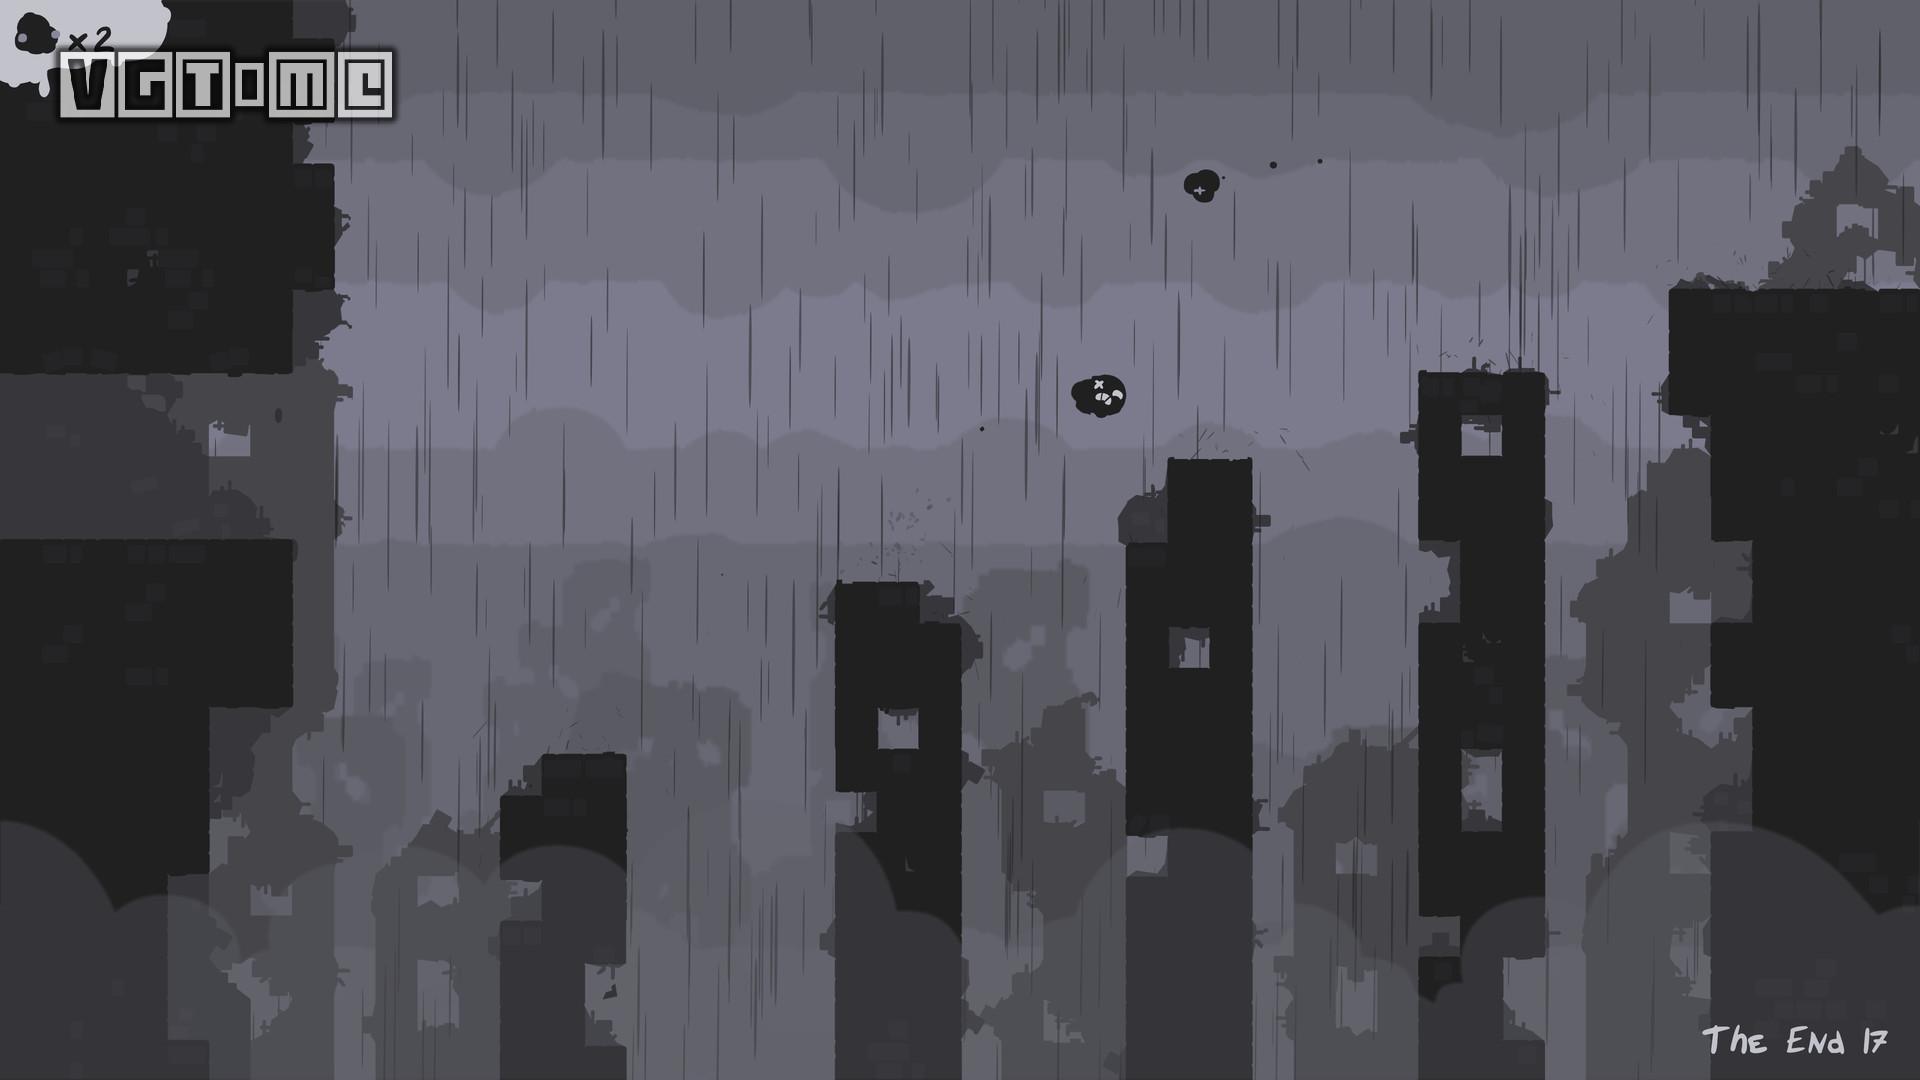 以撒的结合开发商新作 终结将至游戏曝光